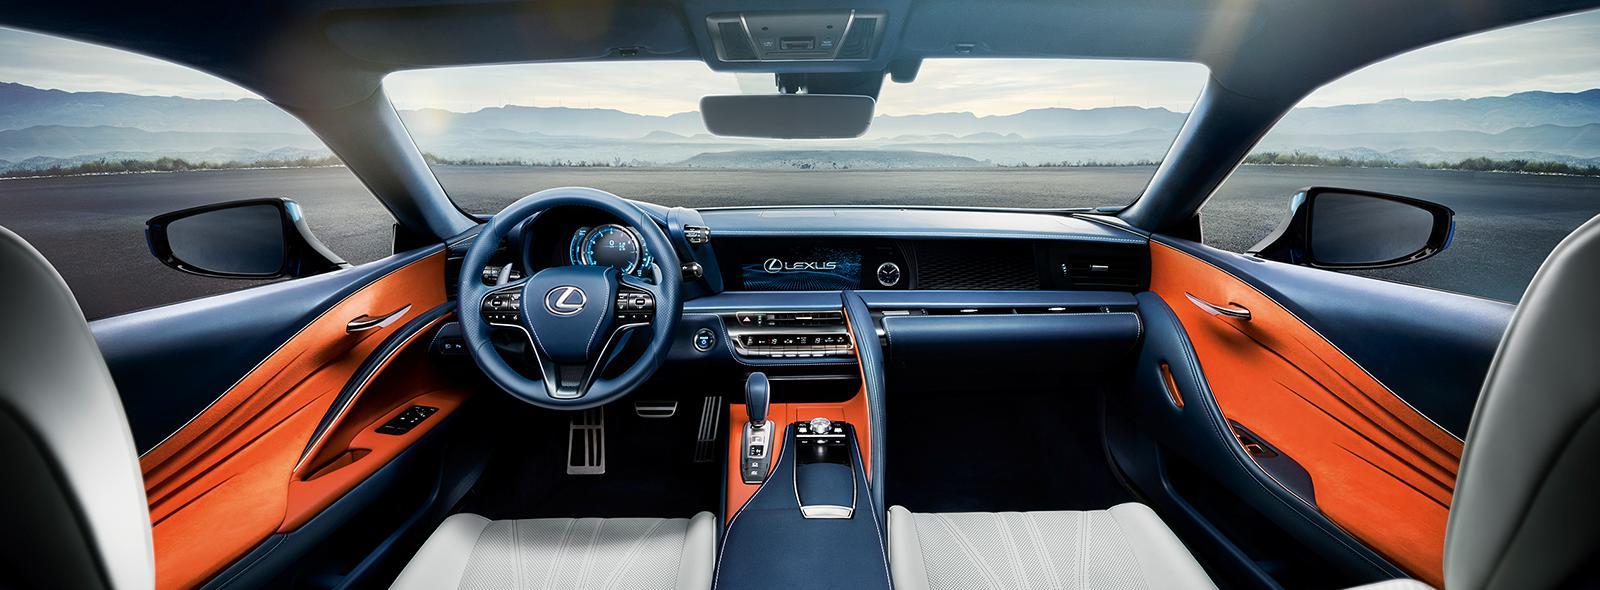 Lexus LC 500h full front interior shot